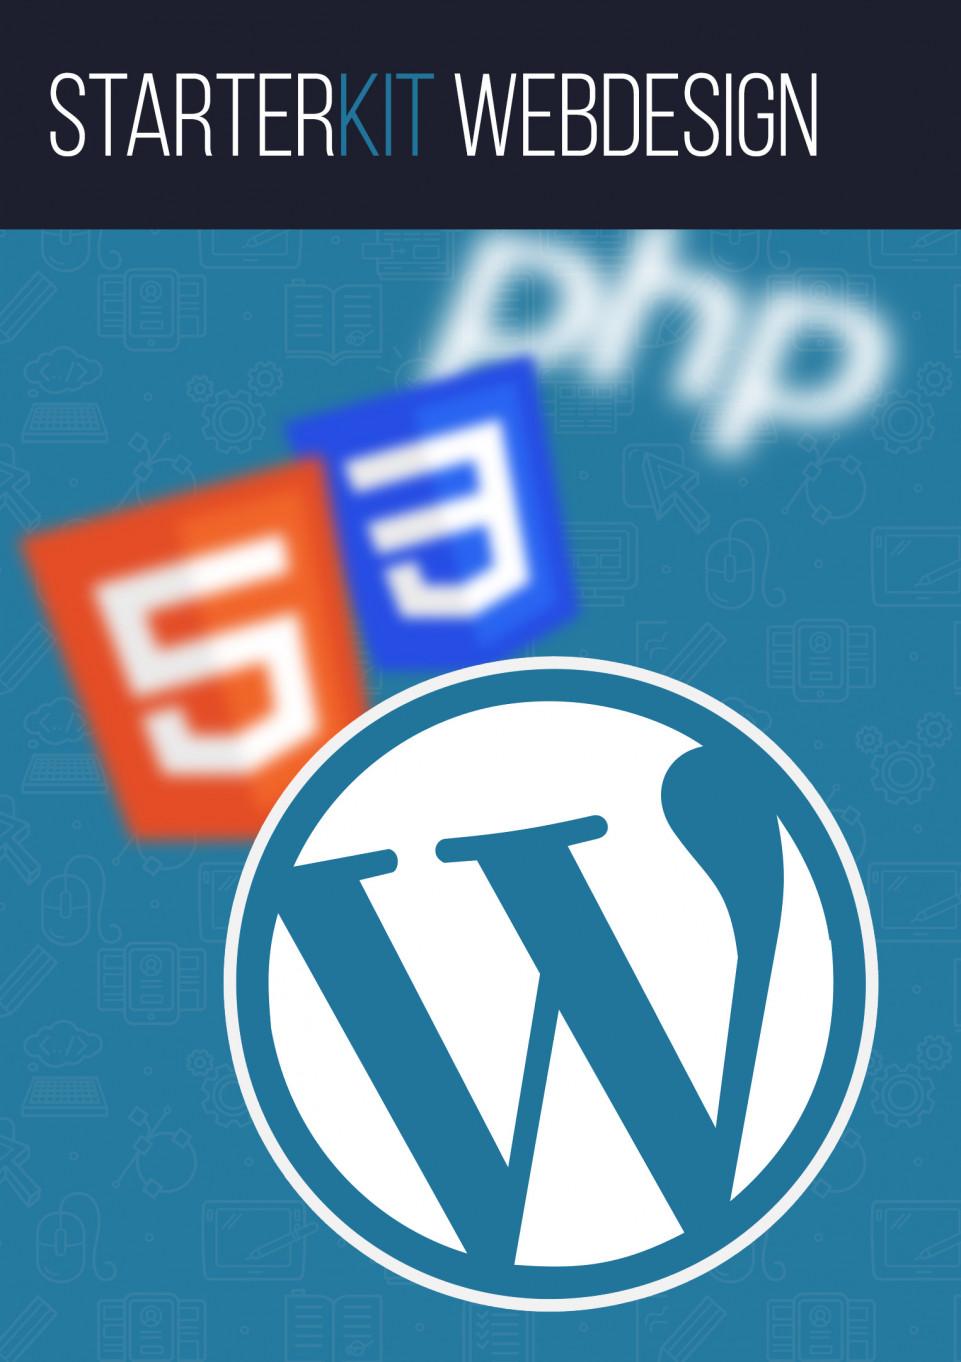 StarterKit Webdesign